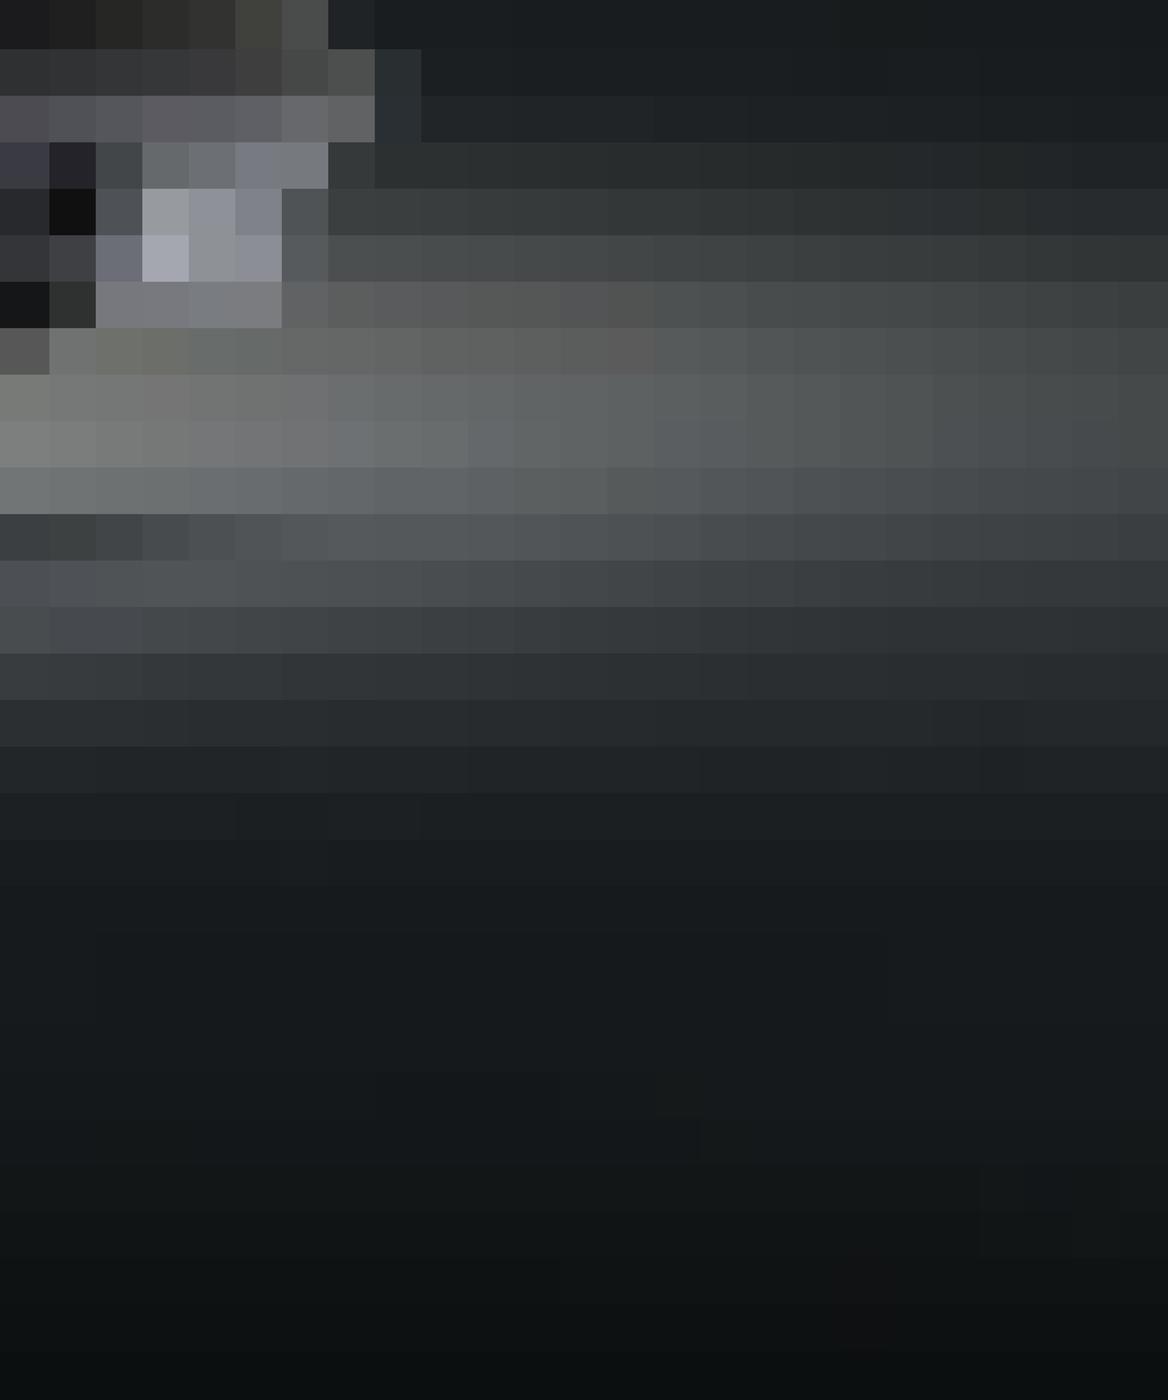 Porsche_X_146x122_ld